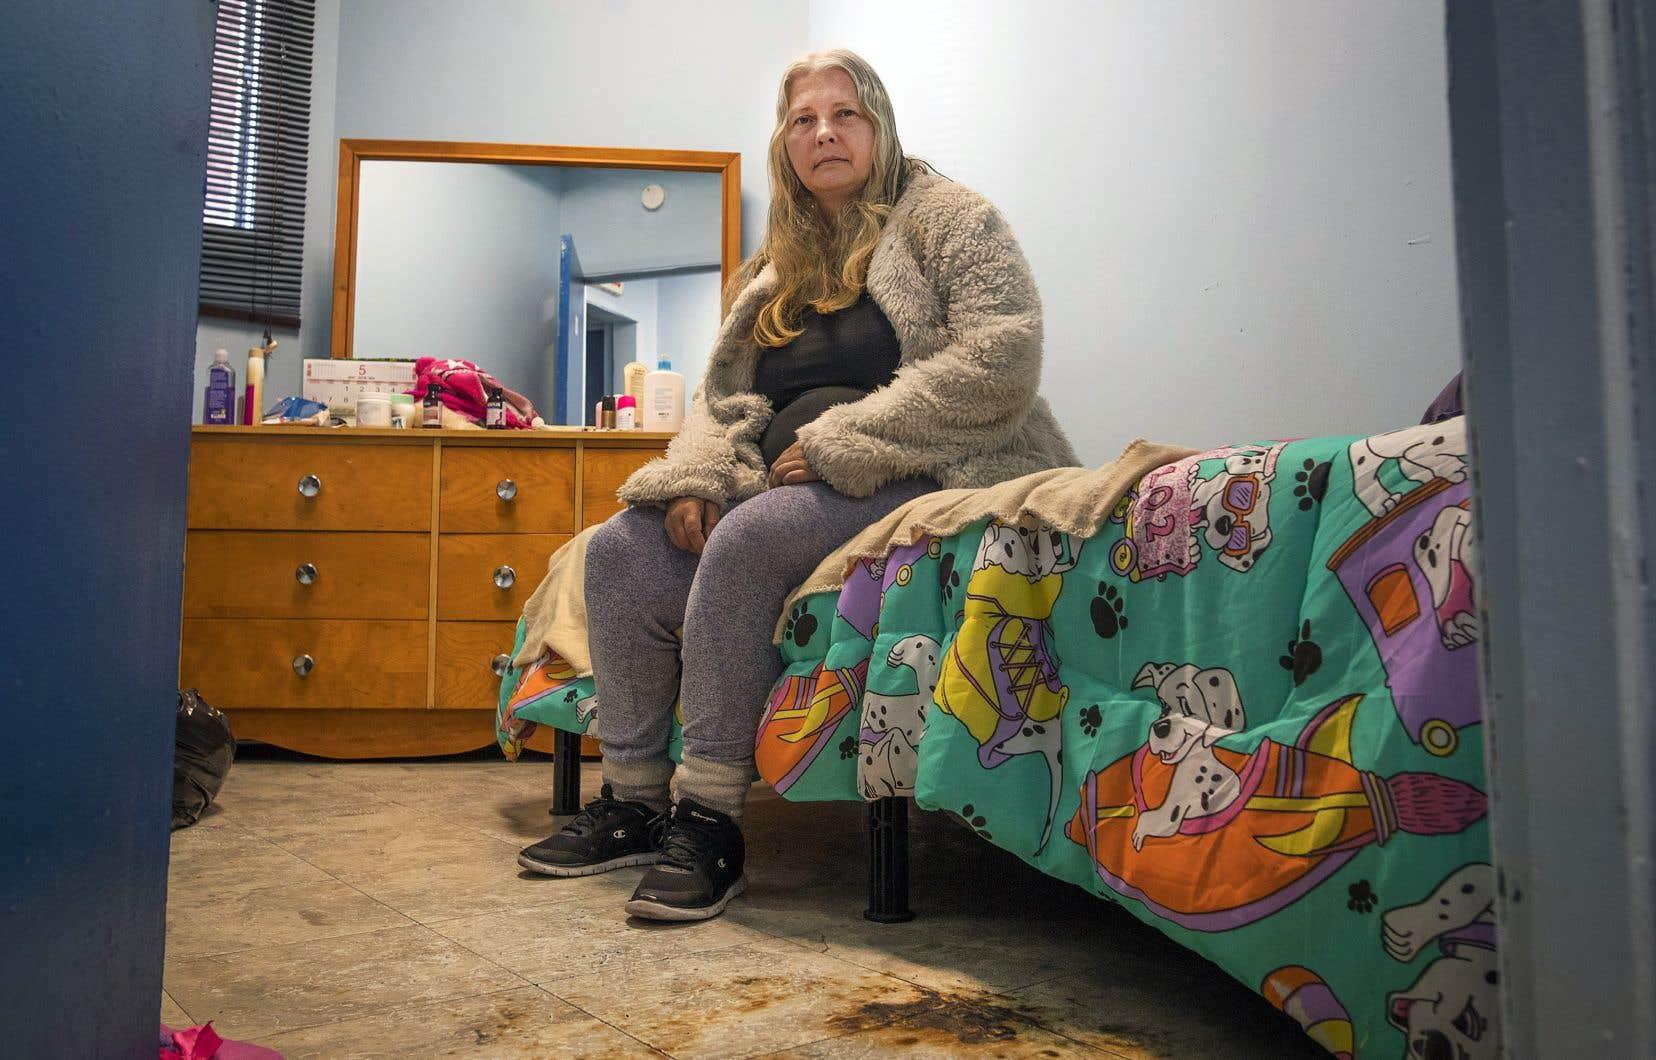 Les résidents vivent seuls ou à deux dans les chambres de l'édifice.